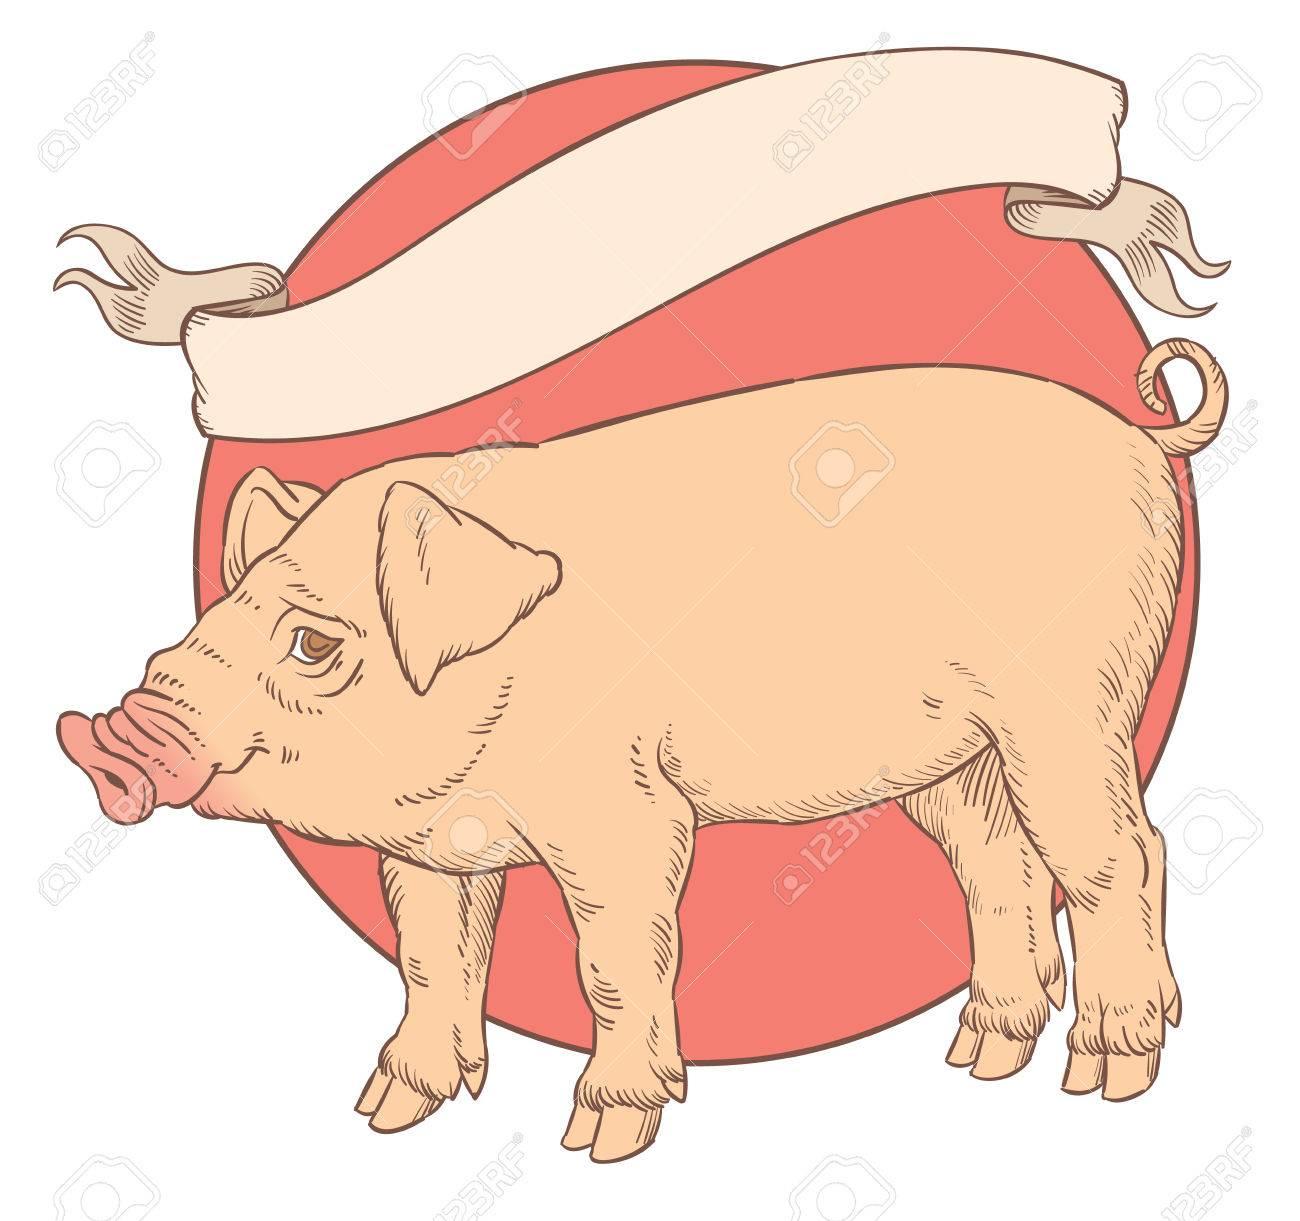 Dessin À La Main En Couleur De Cochon Domestique Avec Bandeau Ruban Vintage  Pour Étiquette-Illustration Vectorielle concernant Dessin De Cochon En Couleur